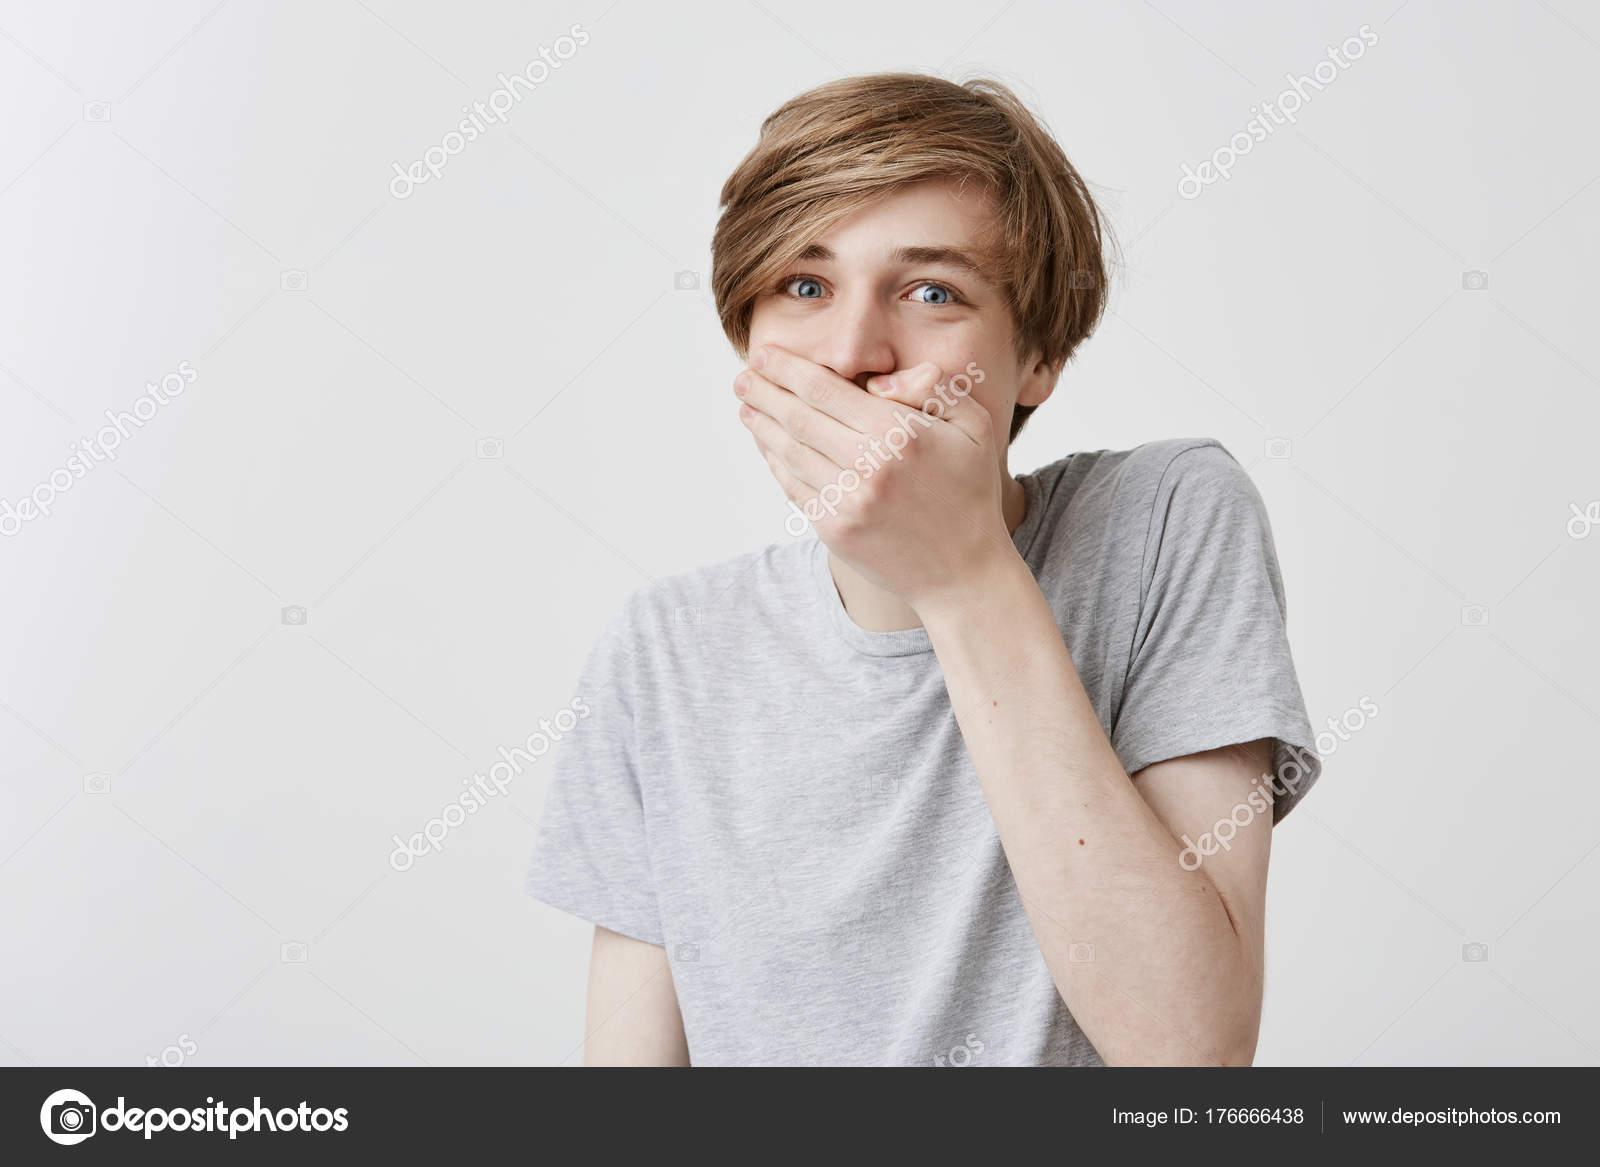 Frustriert Verwirrt Schockiert Männchen Mit Blonde Haare Und Blaue